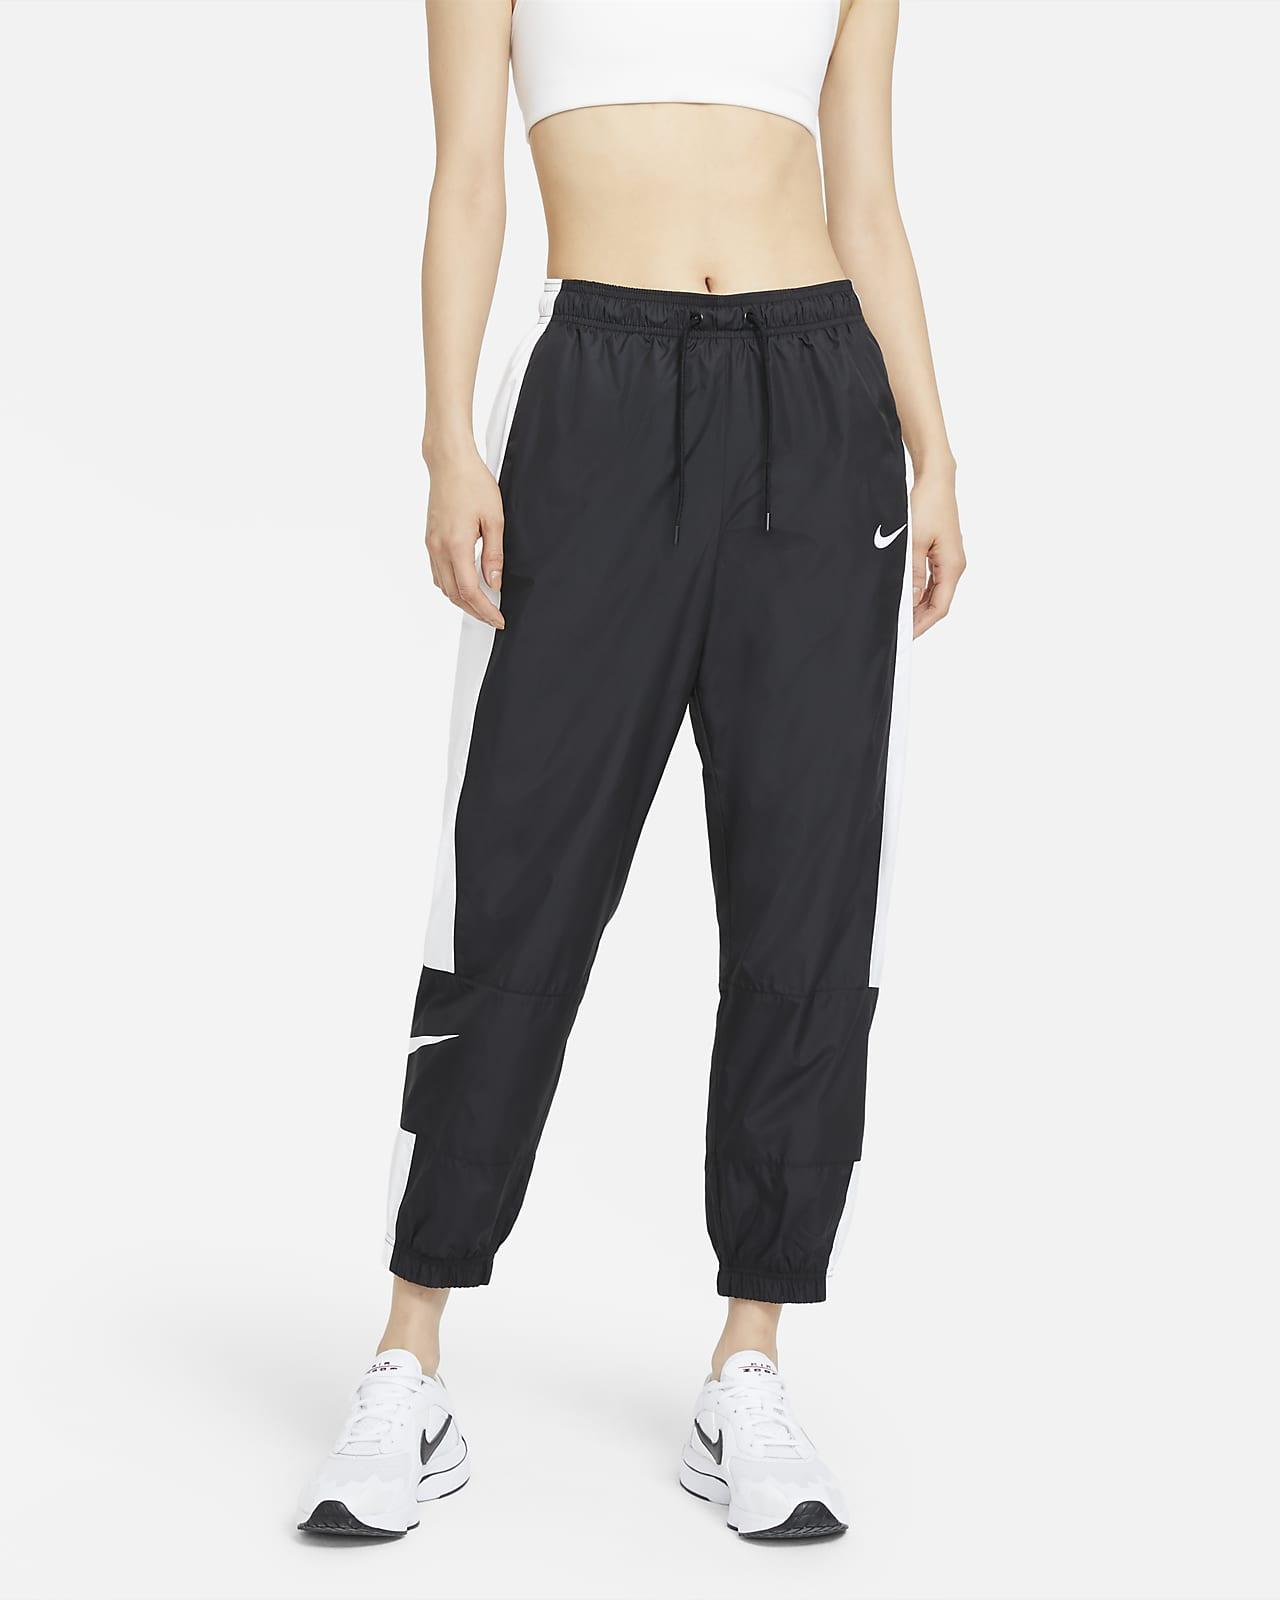 Nike Sportswear Repel Women's Woven Trousers